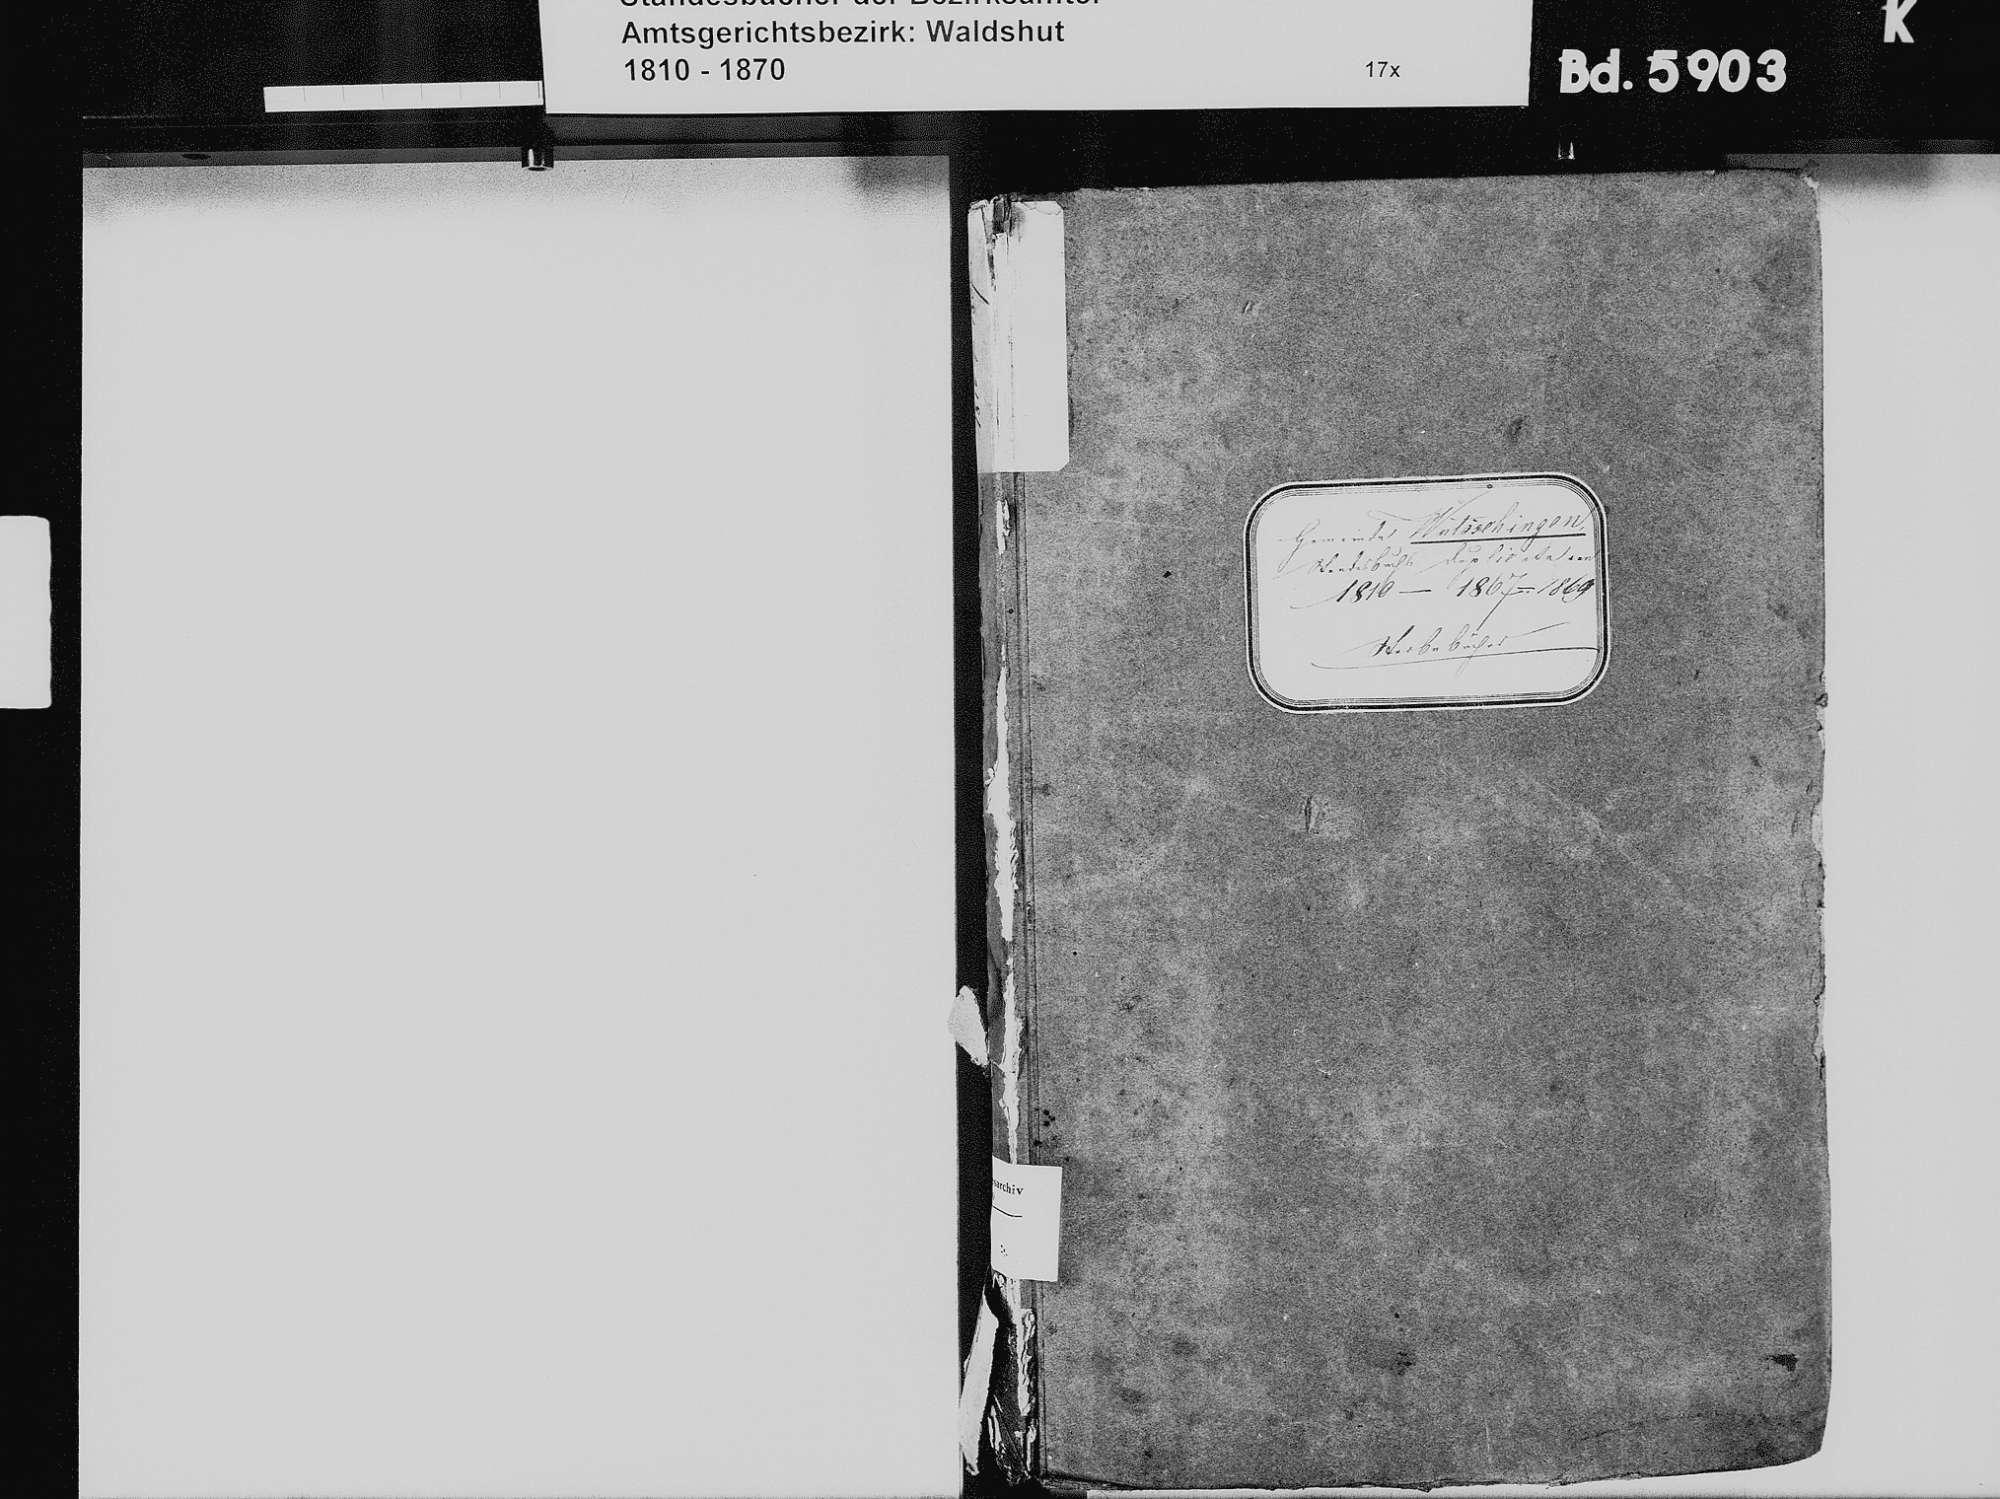 Wutöschingen WT; Katholische Gemeinde: Heiratsbuch 1835 Wutöschingen WT; Katholische Gemeinde: Sterbebuch 1810-1869, Bild 3